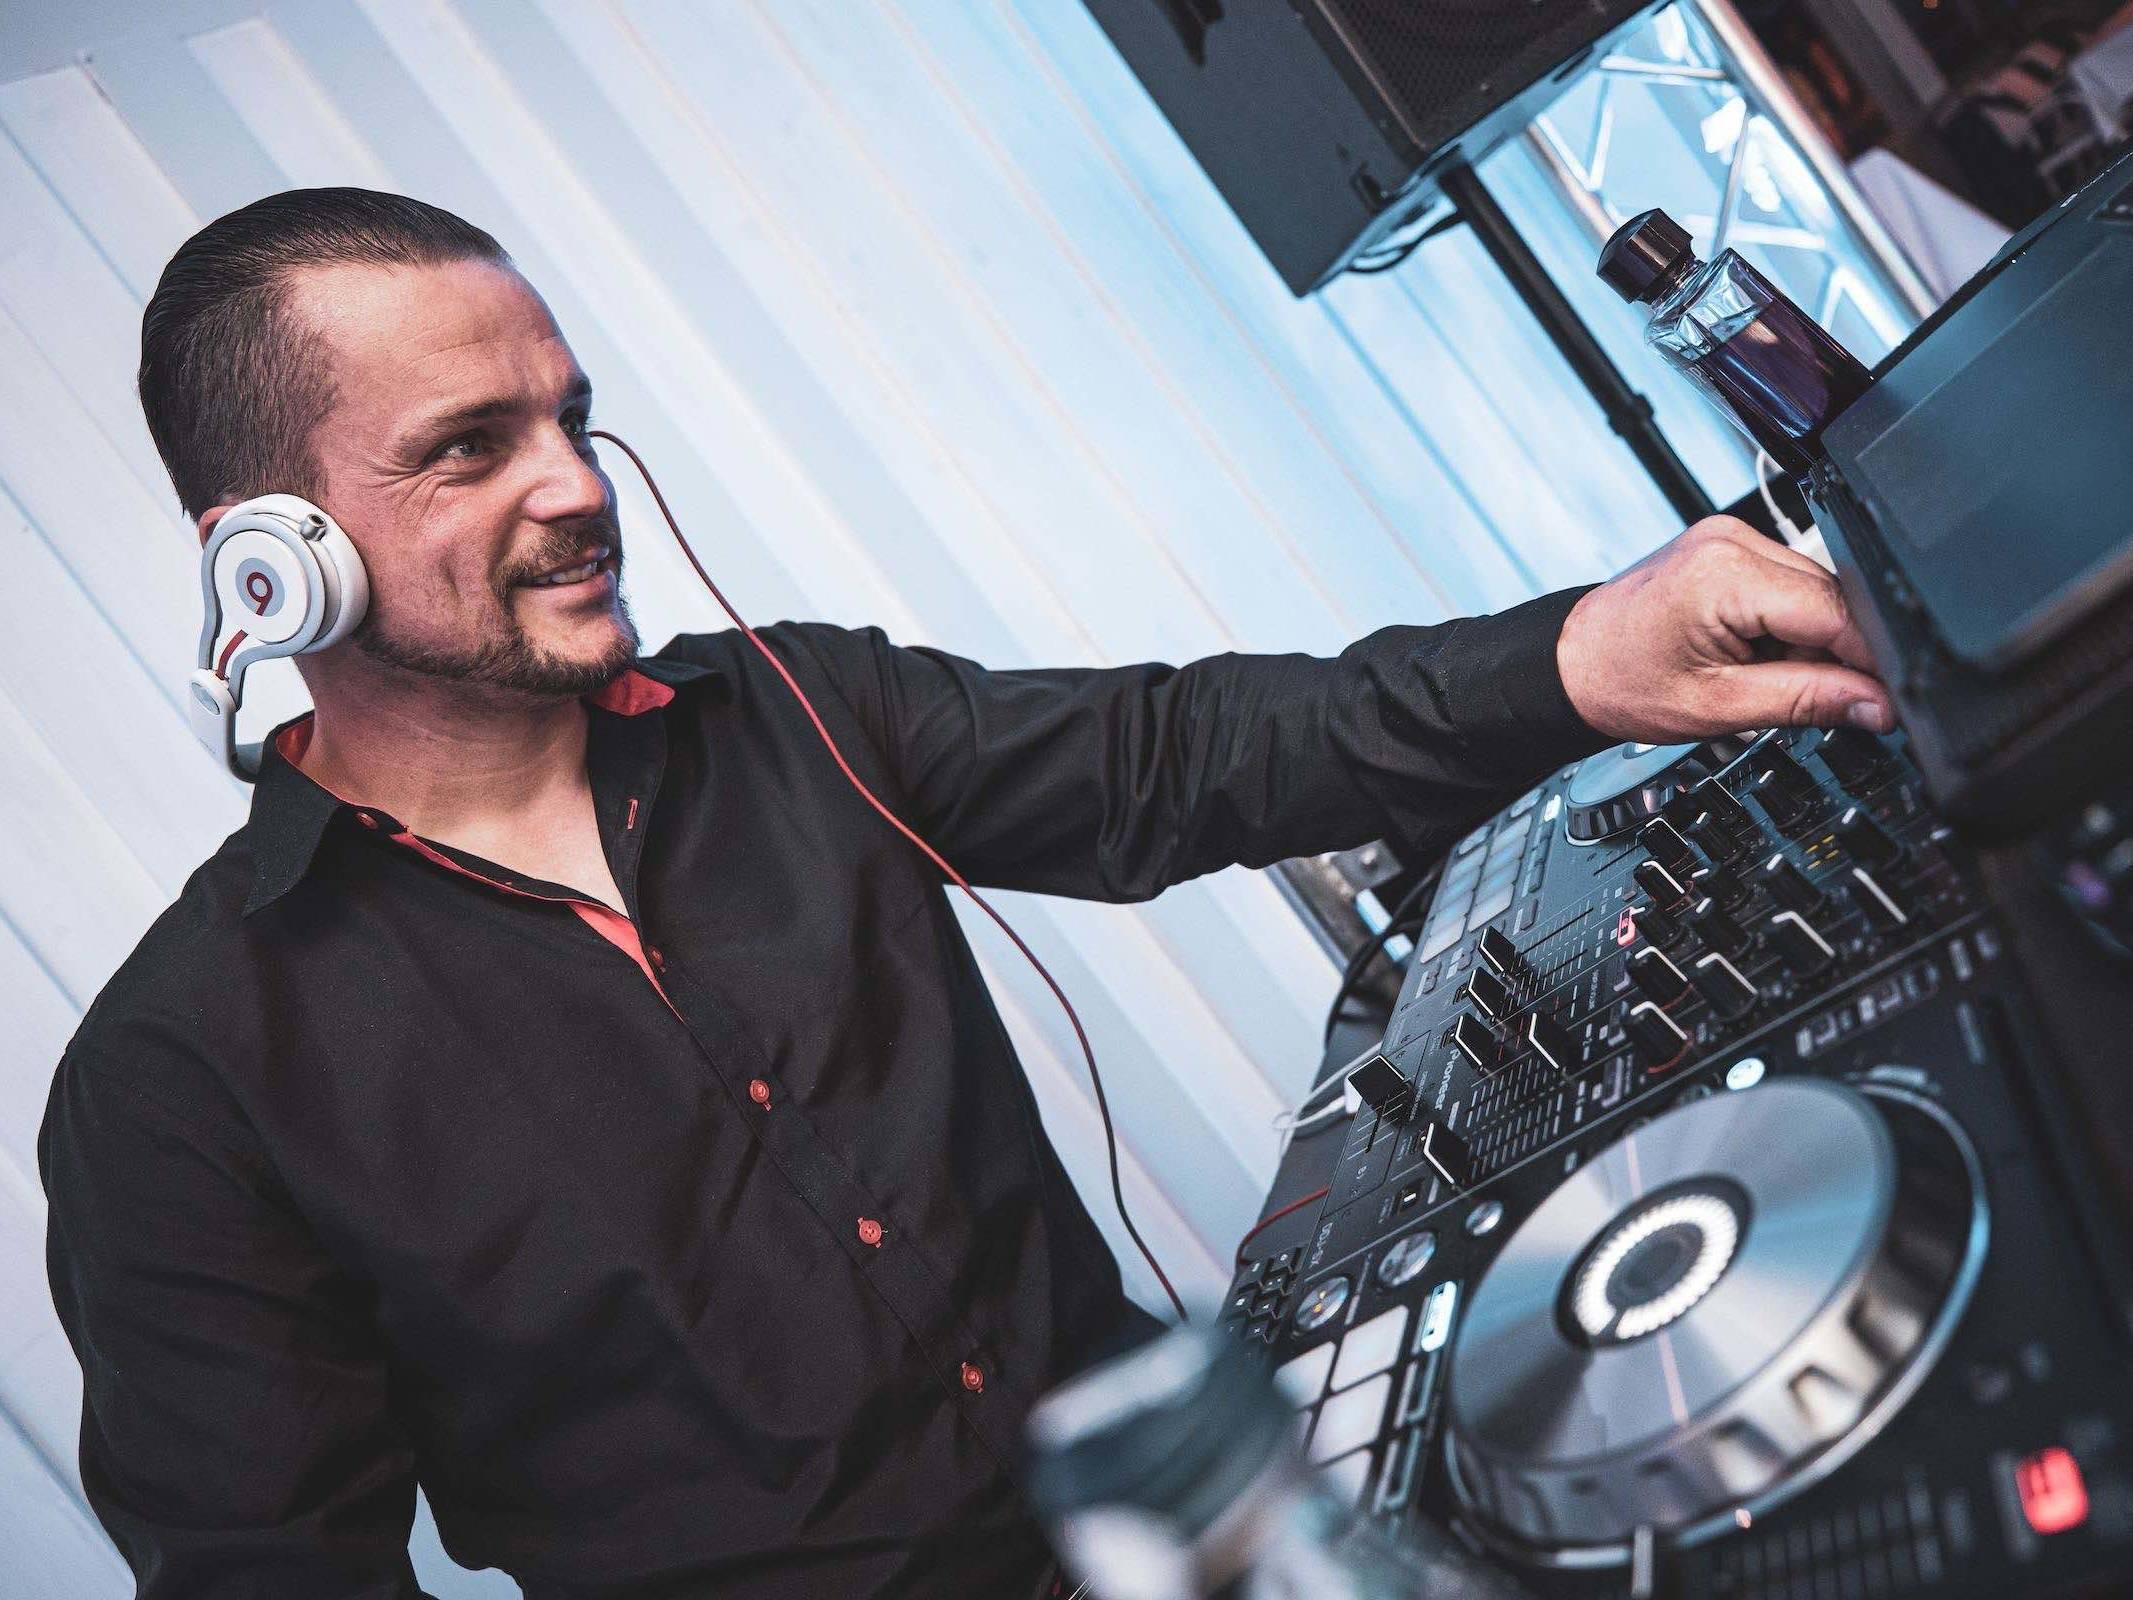 Hochzeits | DJ | Buchen | Hannover | Discjockey | Marco | Messe | DJ | Event | DJ | Geburtstag | DJ | Mieten | Anfragen | DJ | Agentur | Hamburgfeiert